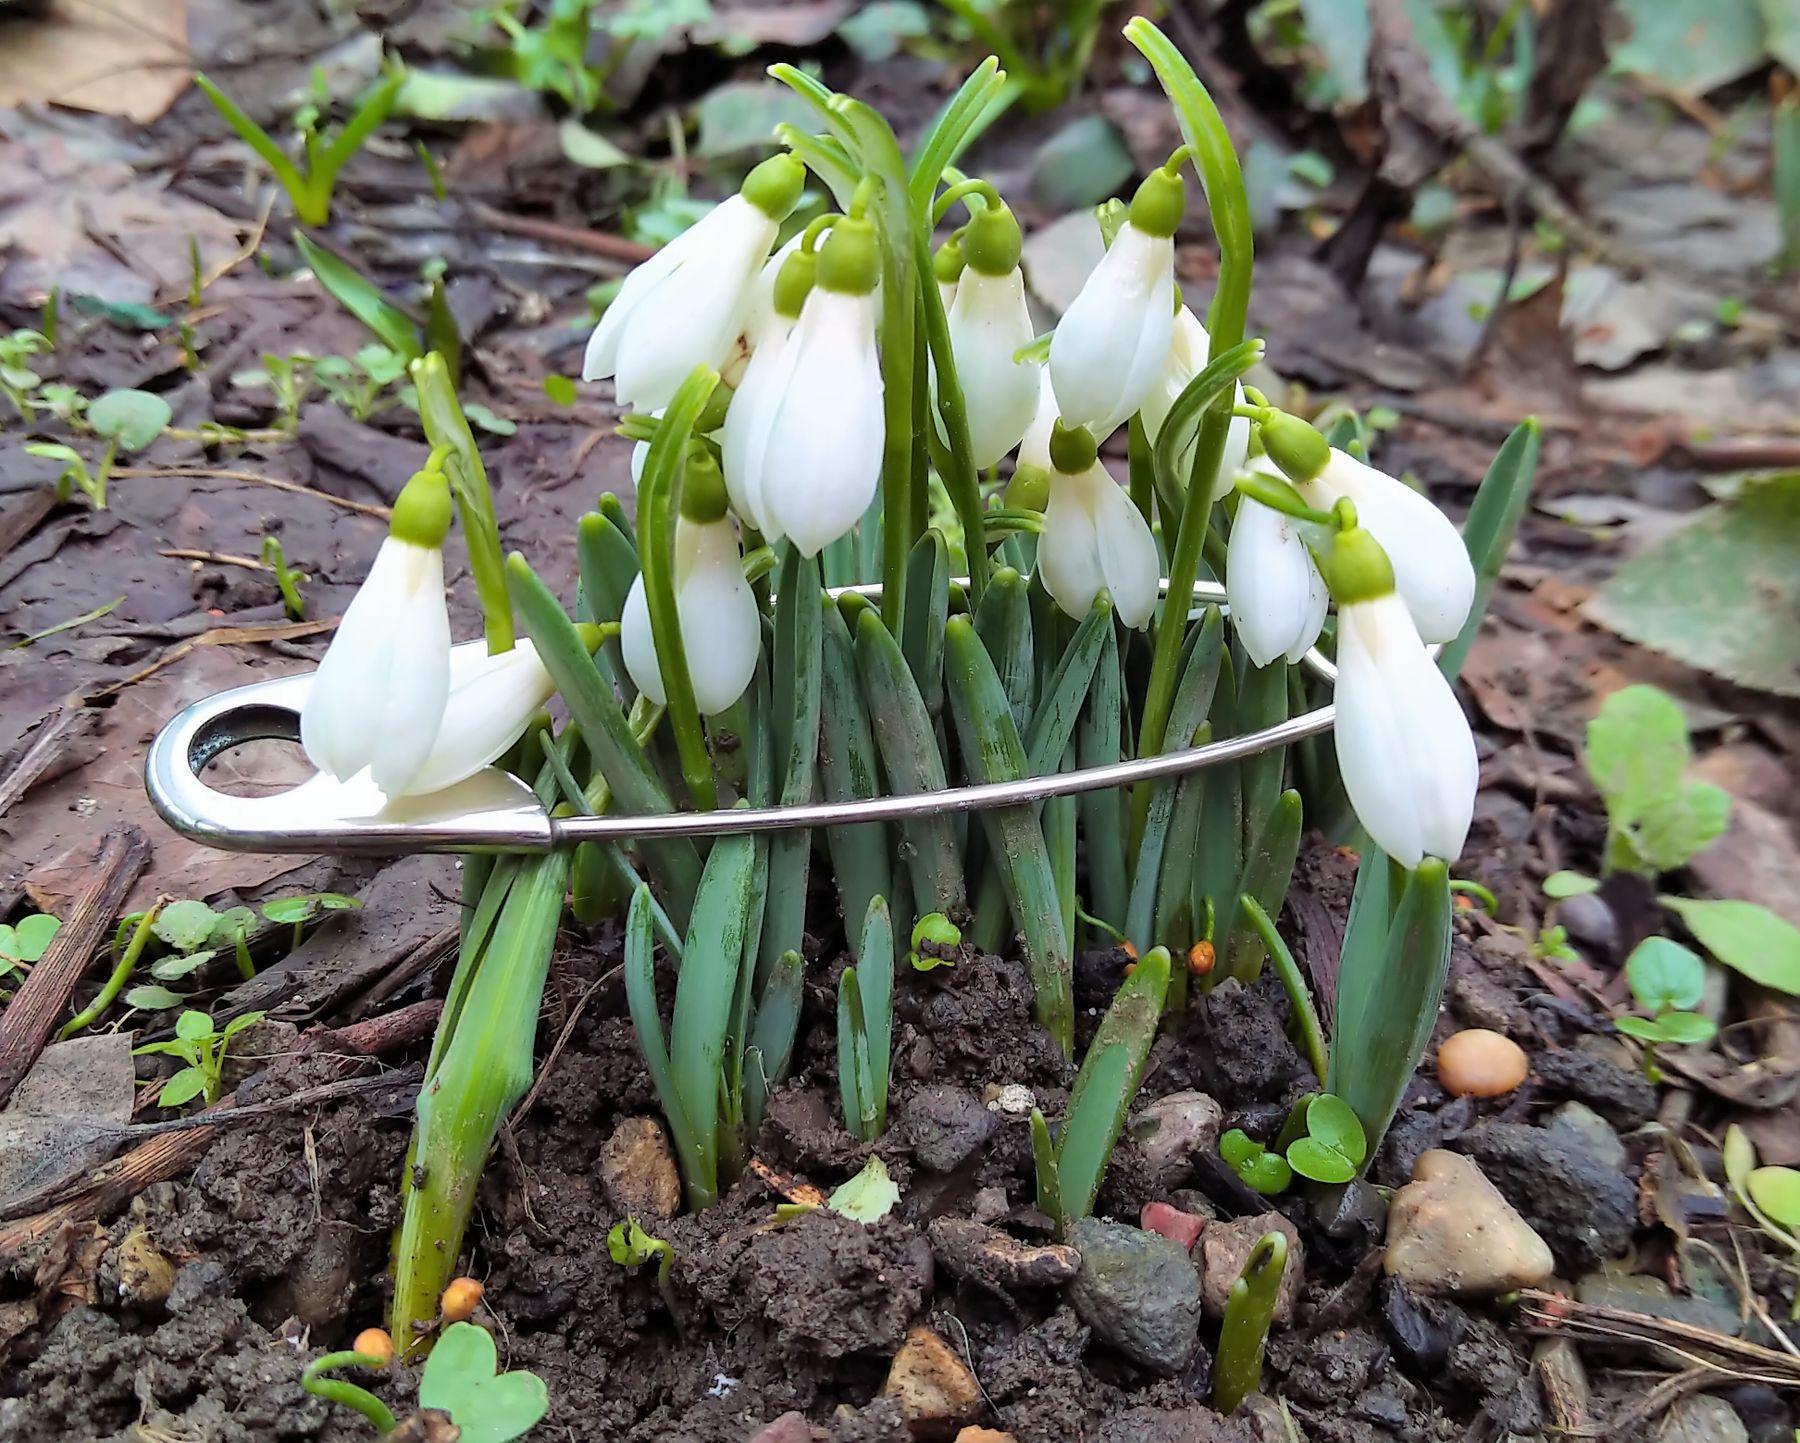 И, все-таки, весна! дневники зелень инсталляция композиция настроение подснежники фантазия фотография цветное фото